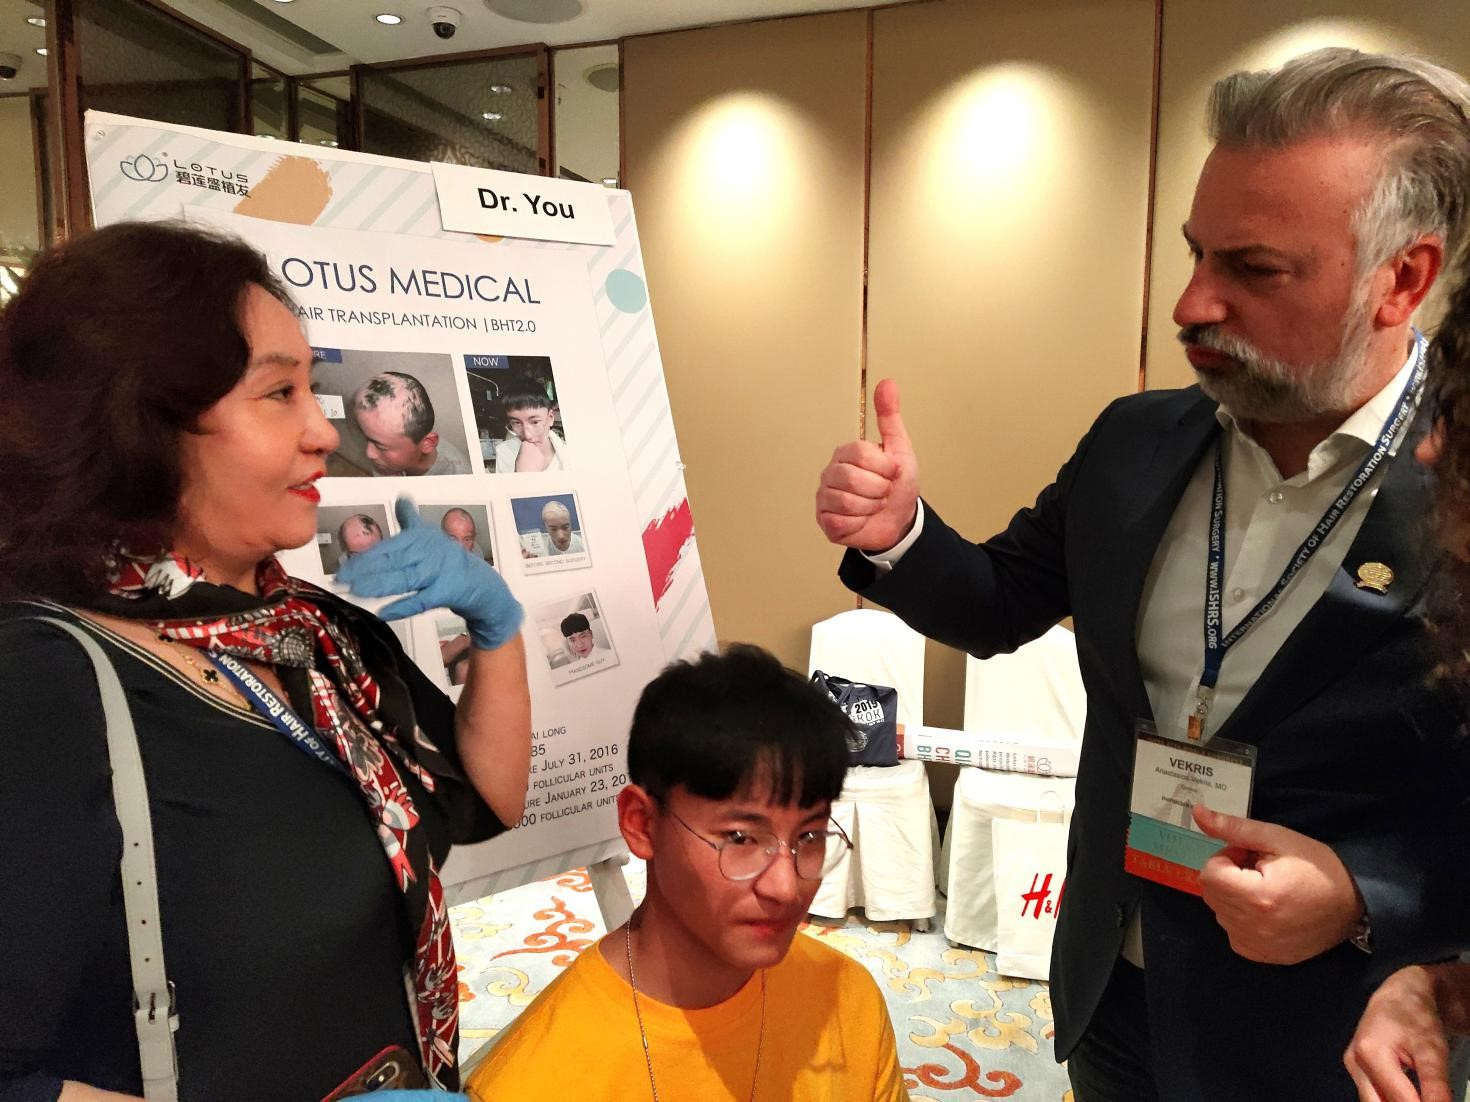 世界植发大会点赞中国BHT2.0植发技术